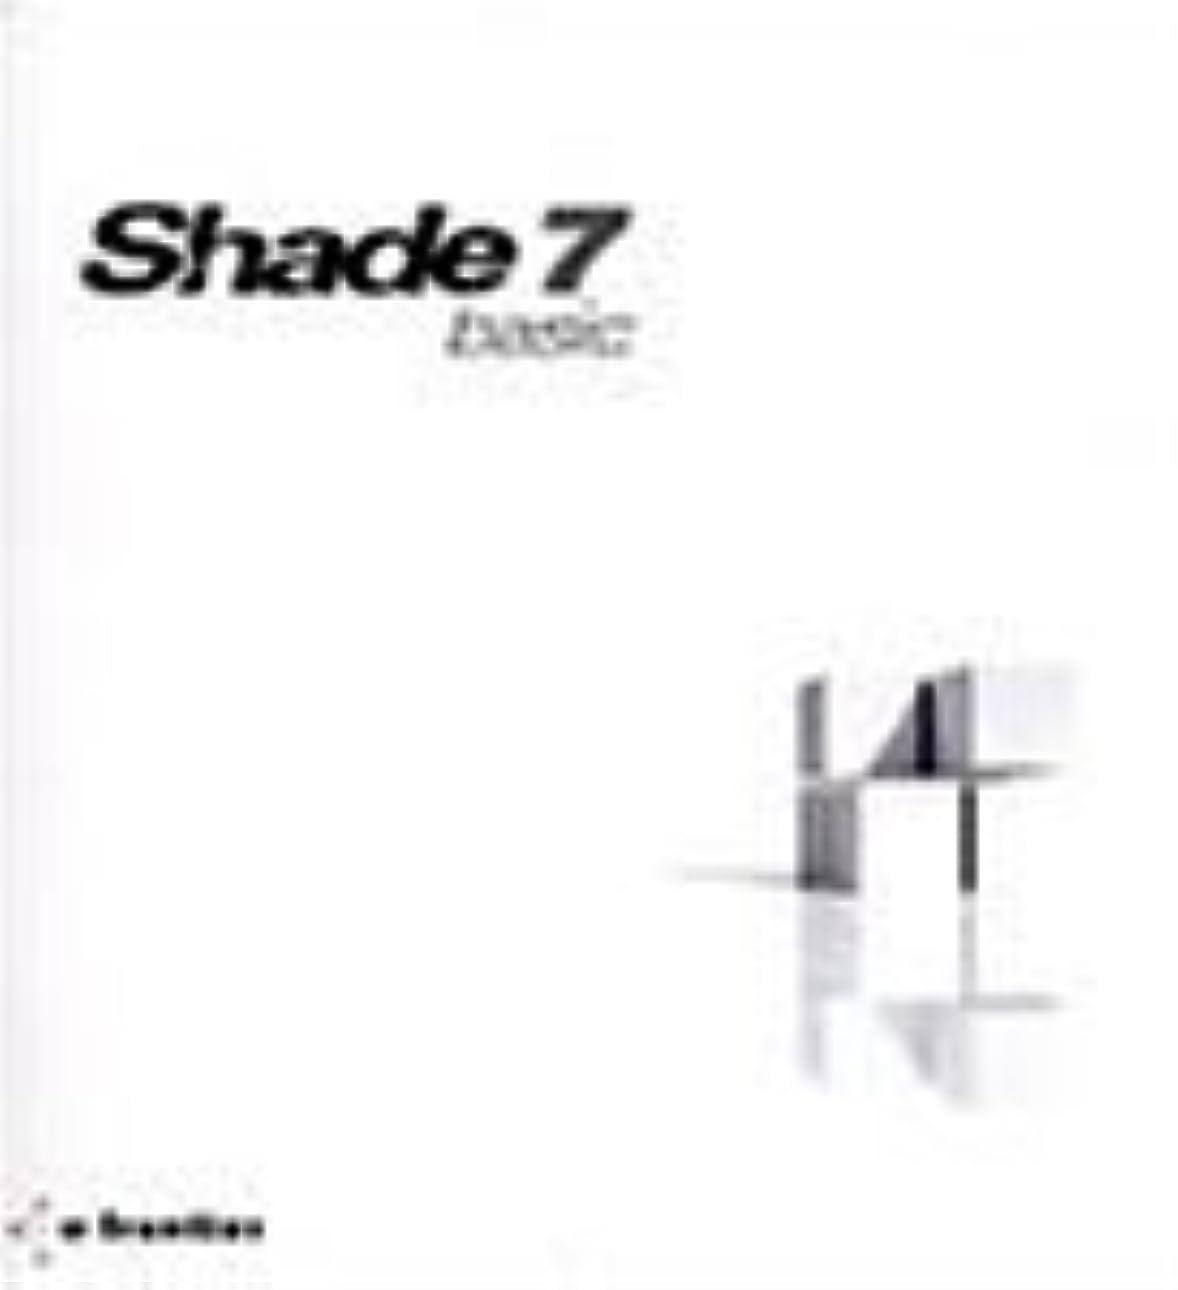 飛躍払い戻し価格Shade 7 basic e解説 Shade7 バンドルパッケージ